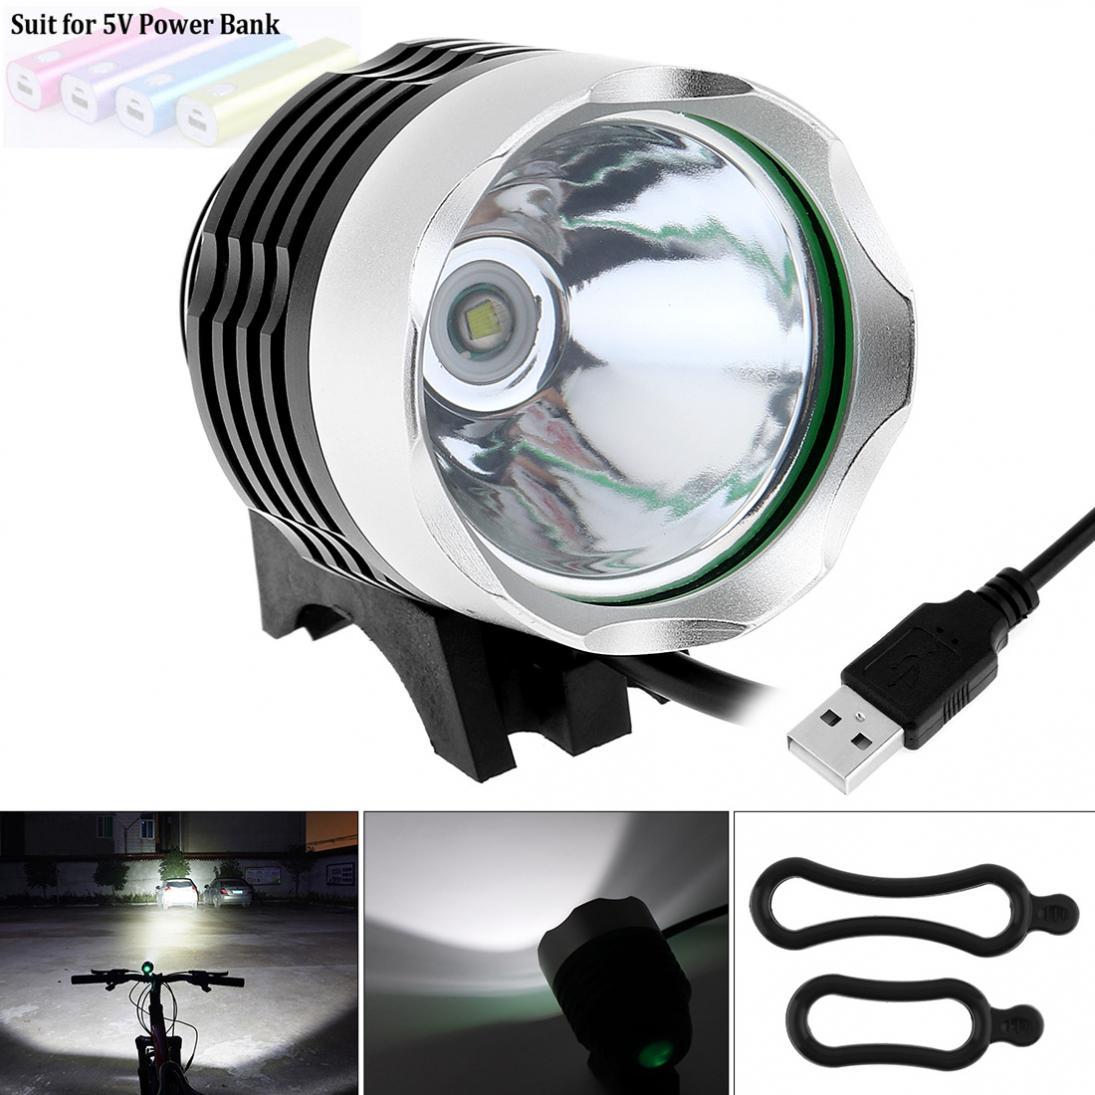 3 režimy USB-poháněl 500LM LED LB-XL T6LED kolo kolo světlomet světlomet světlo hliníkové slitiny pro jízdu na kole cyklistika